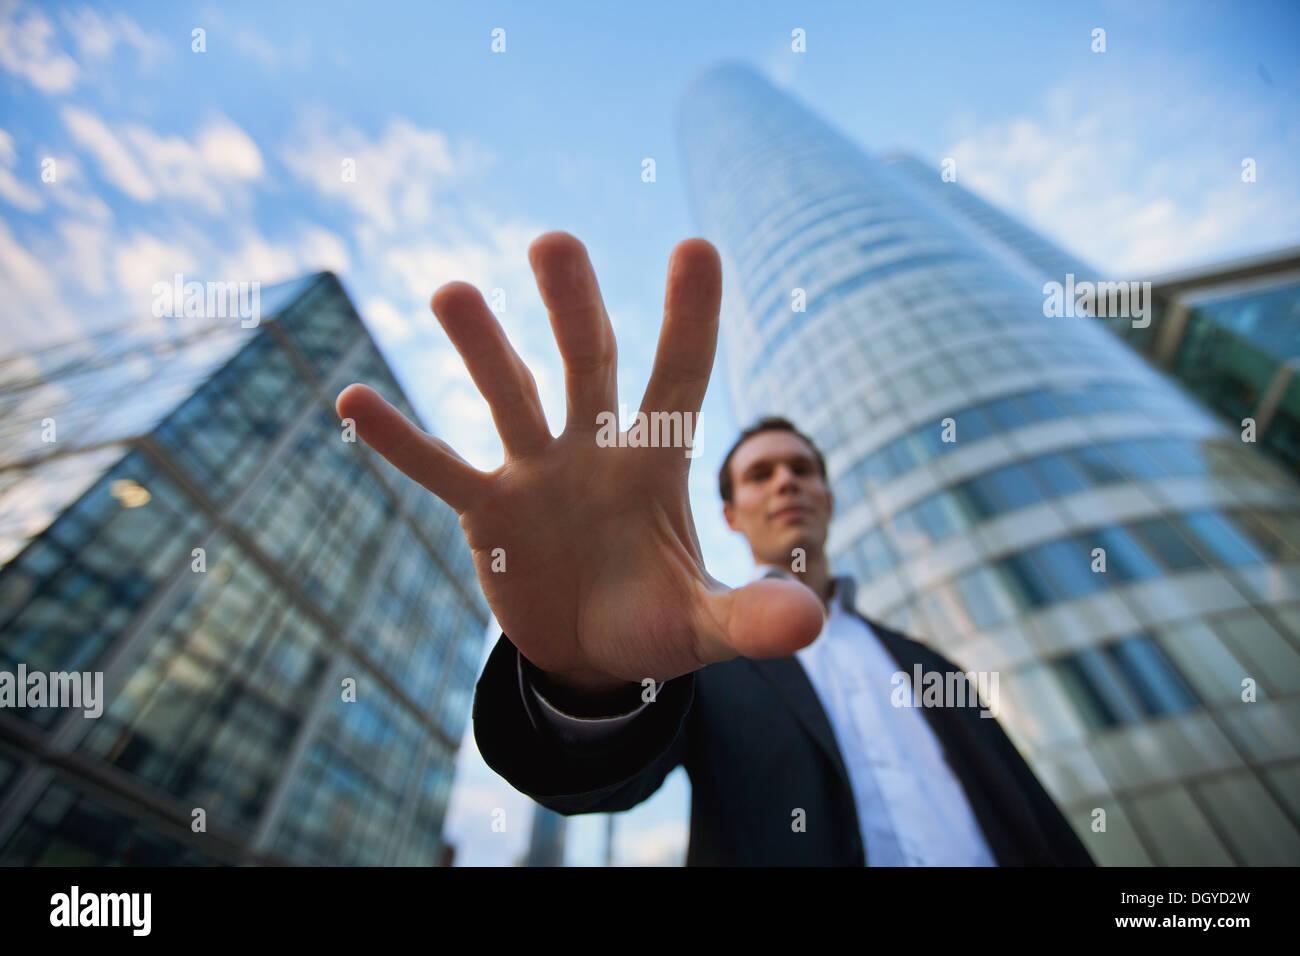 Amenaza en negocios, robar dinero. Imagen De Stock